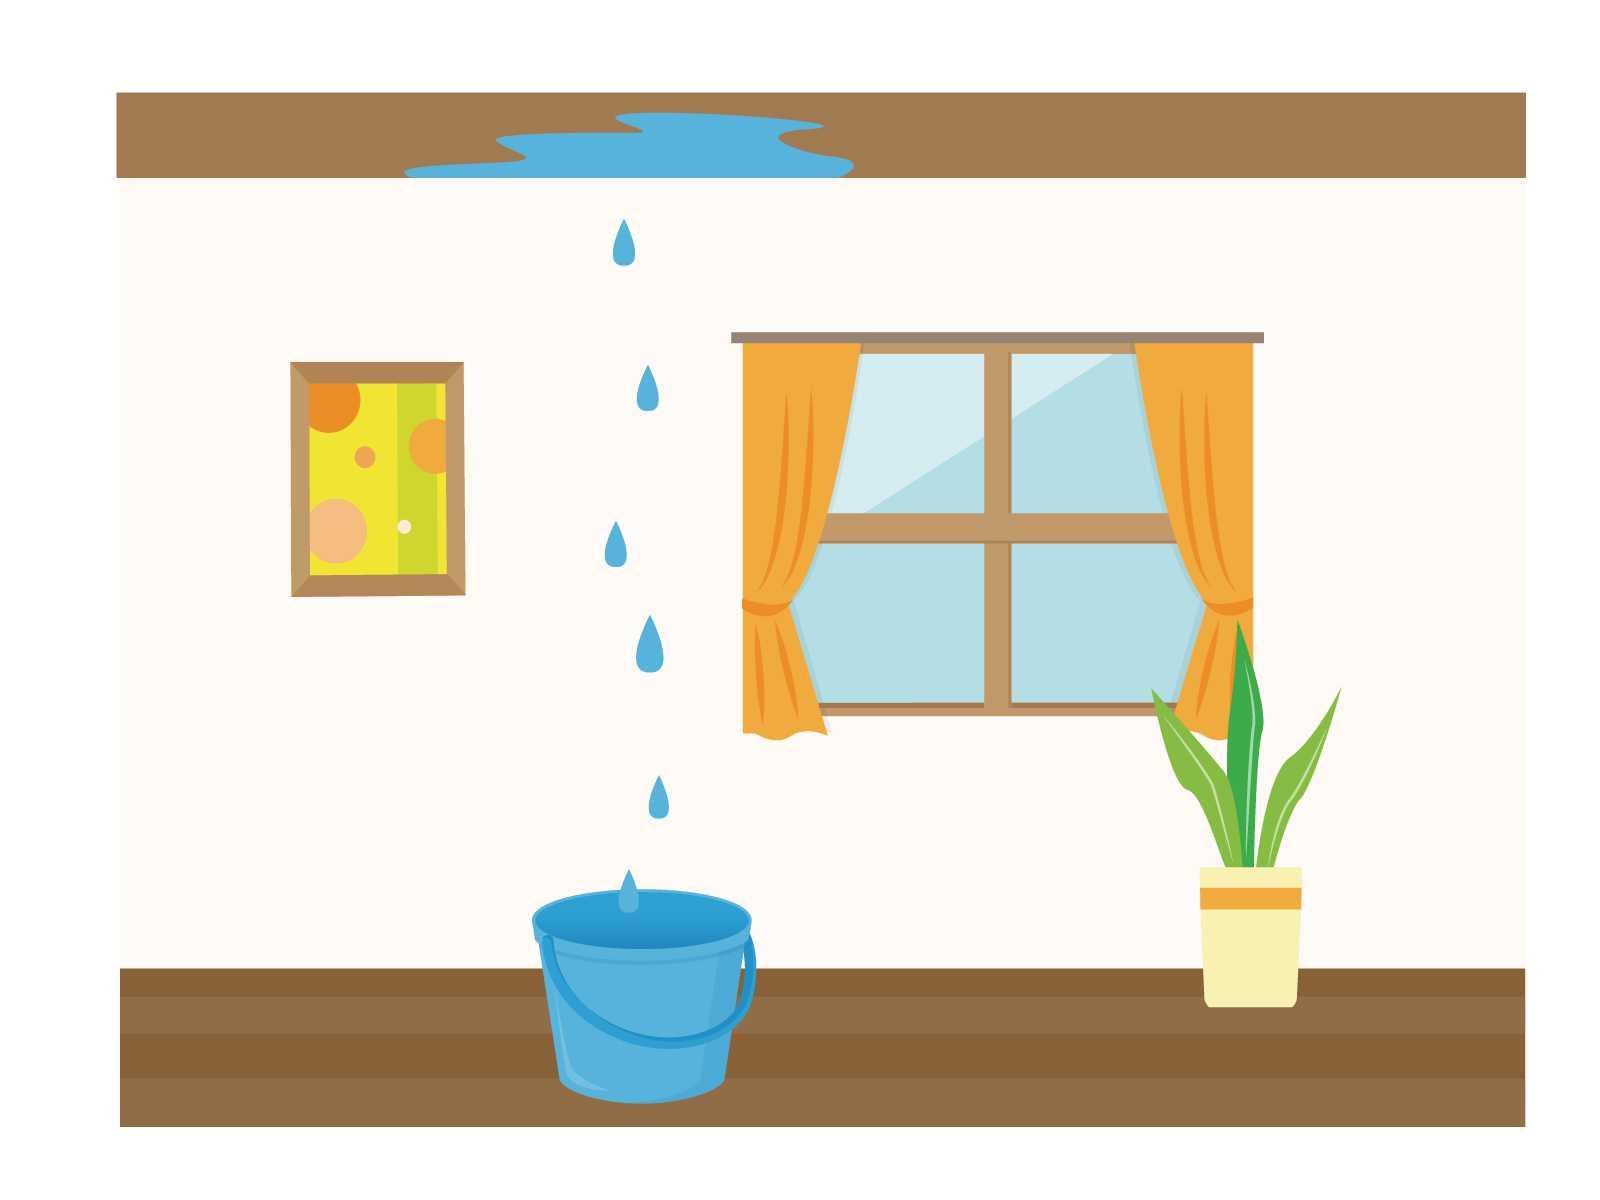 雨漏りの原因を知ろう!原因に合った対策と弊害について